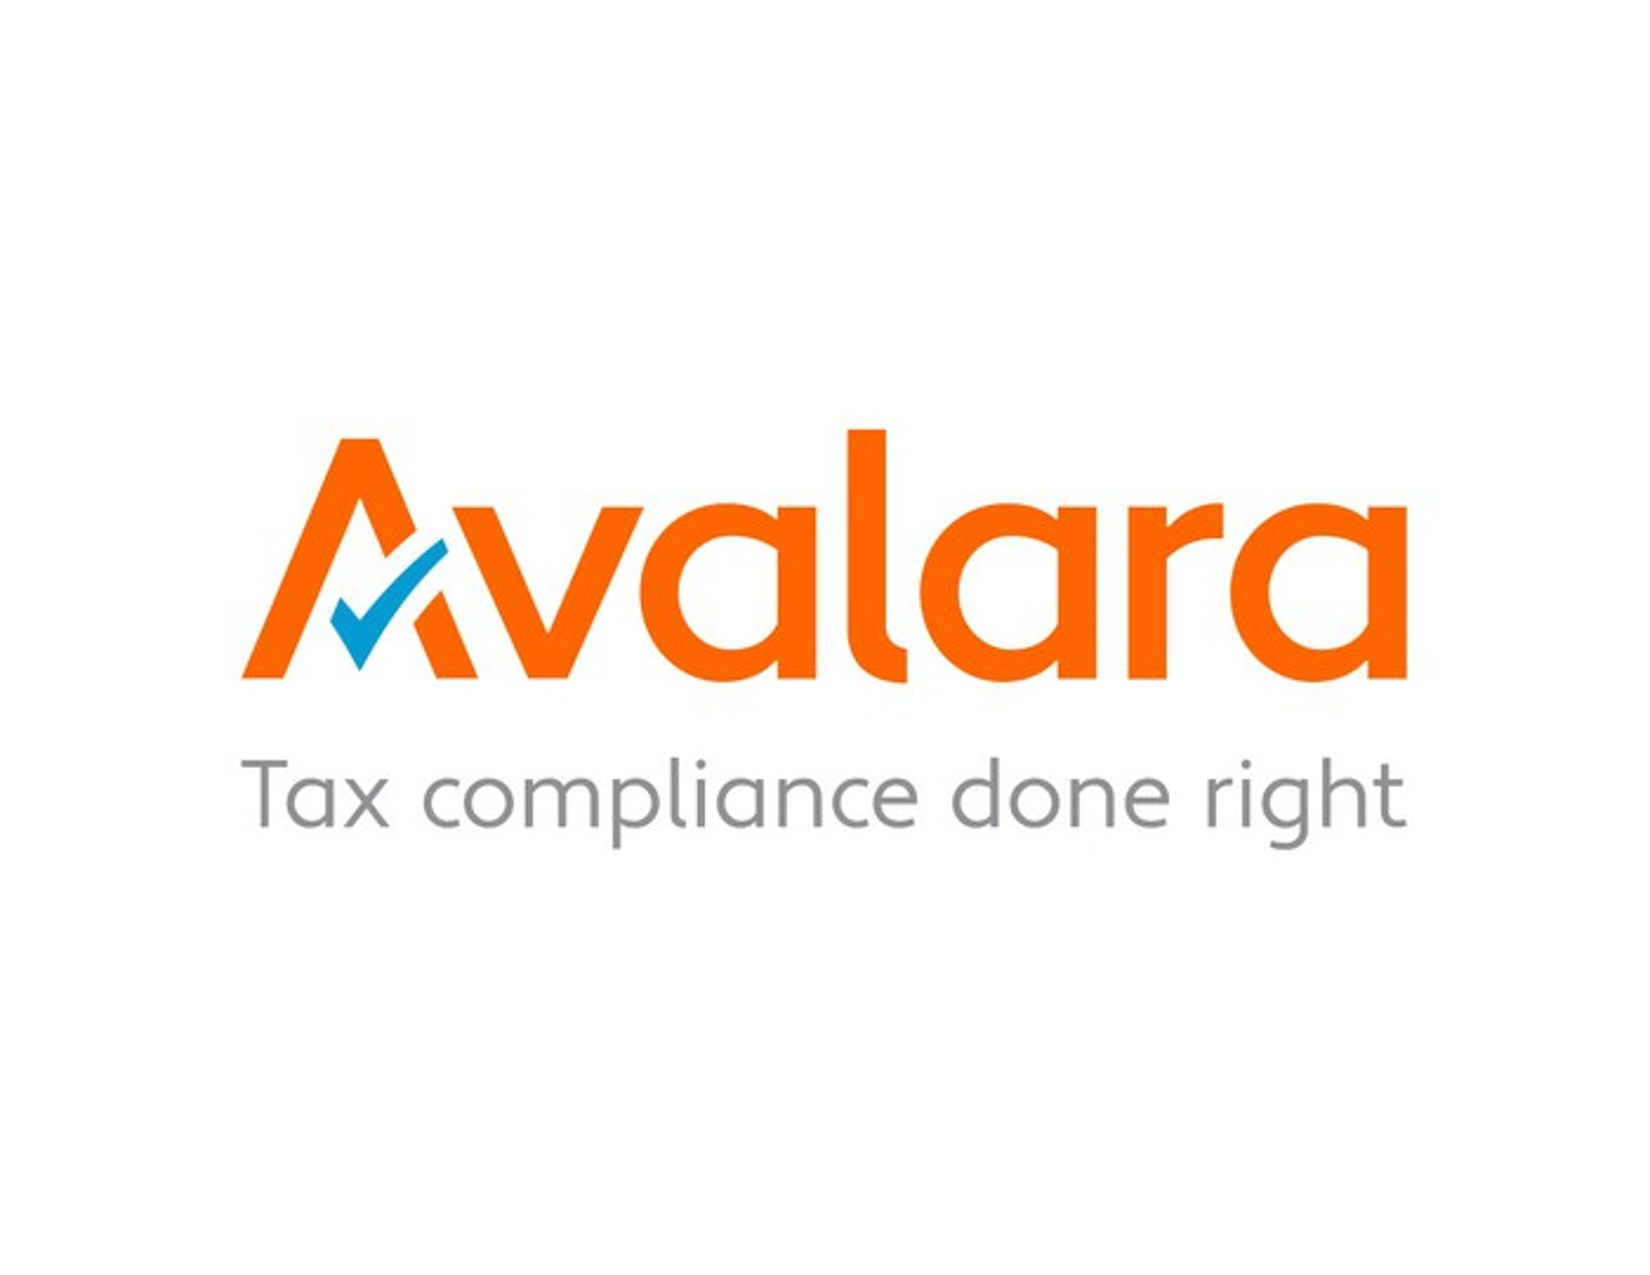 The Avalara logo.